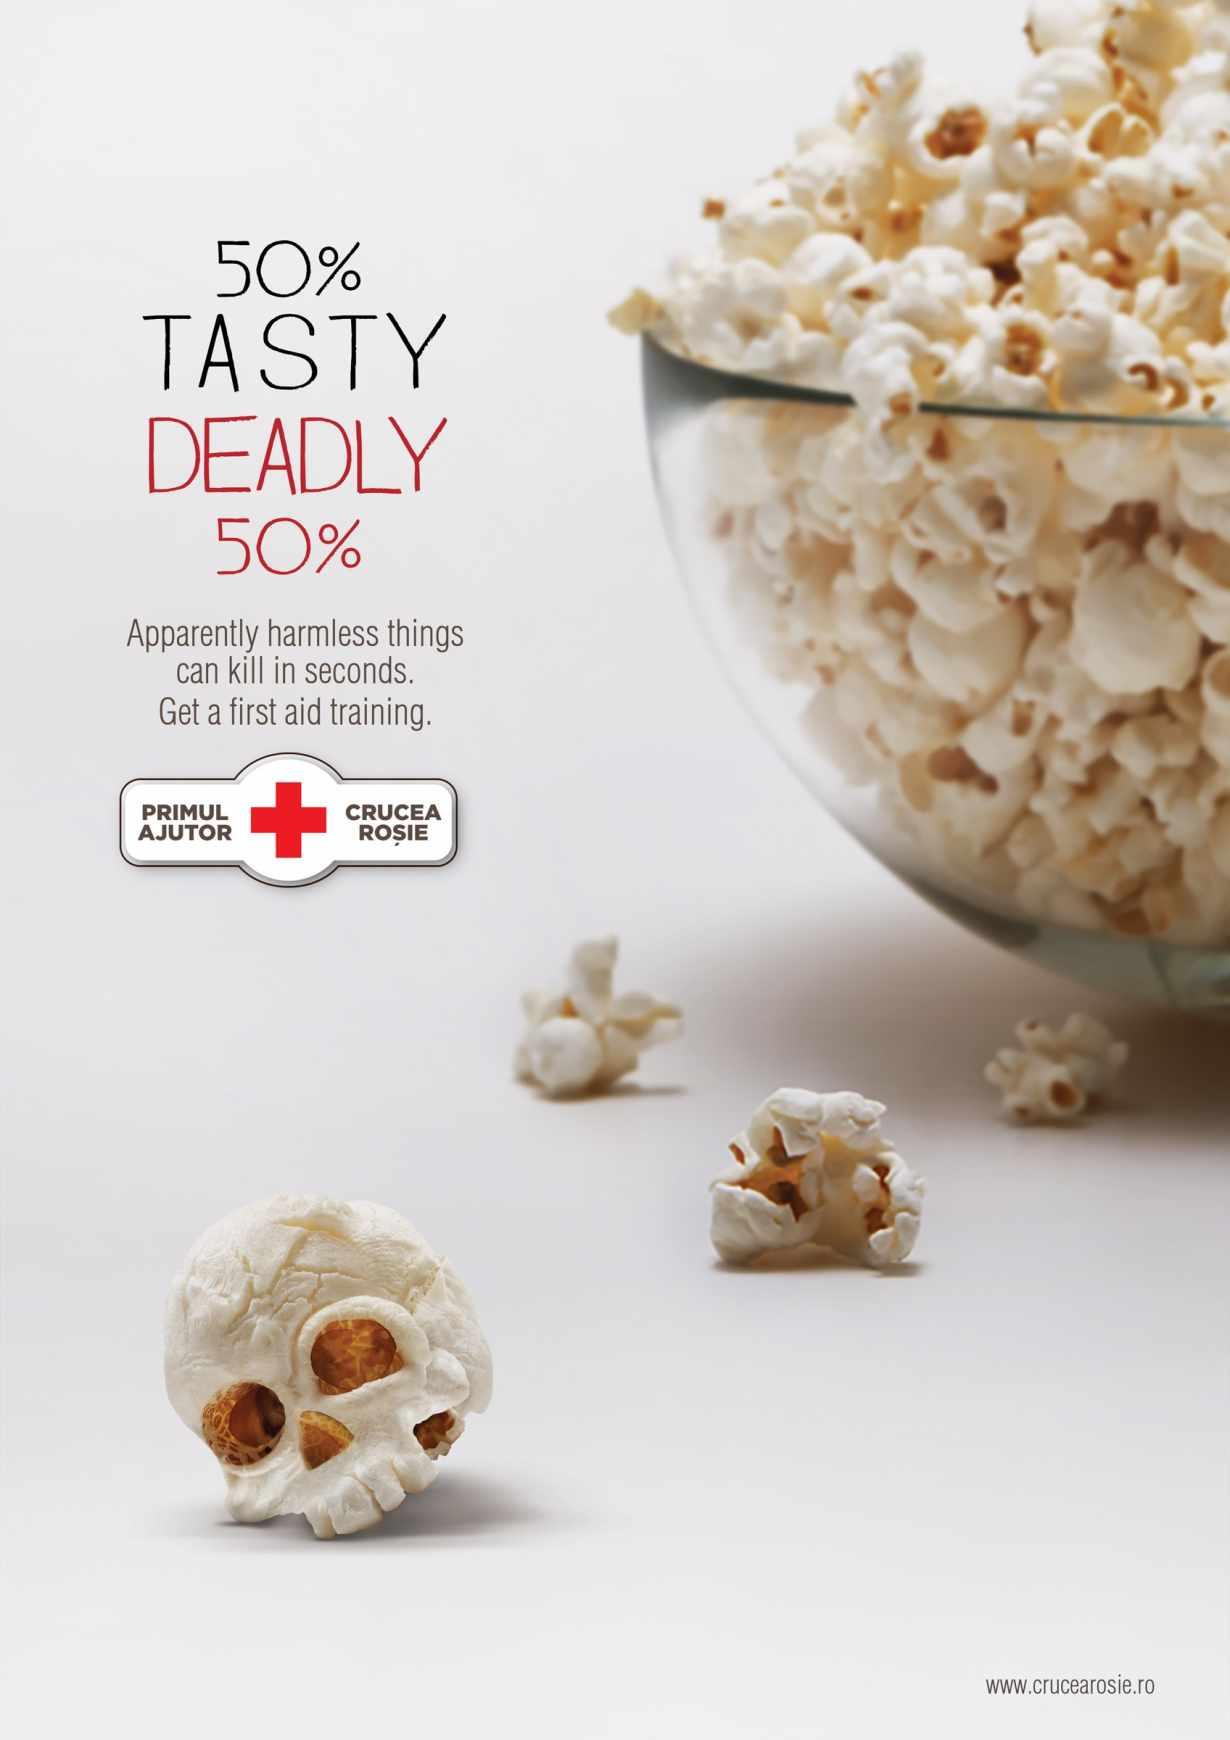 crr-popcorn-aotw_aotw